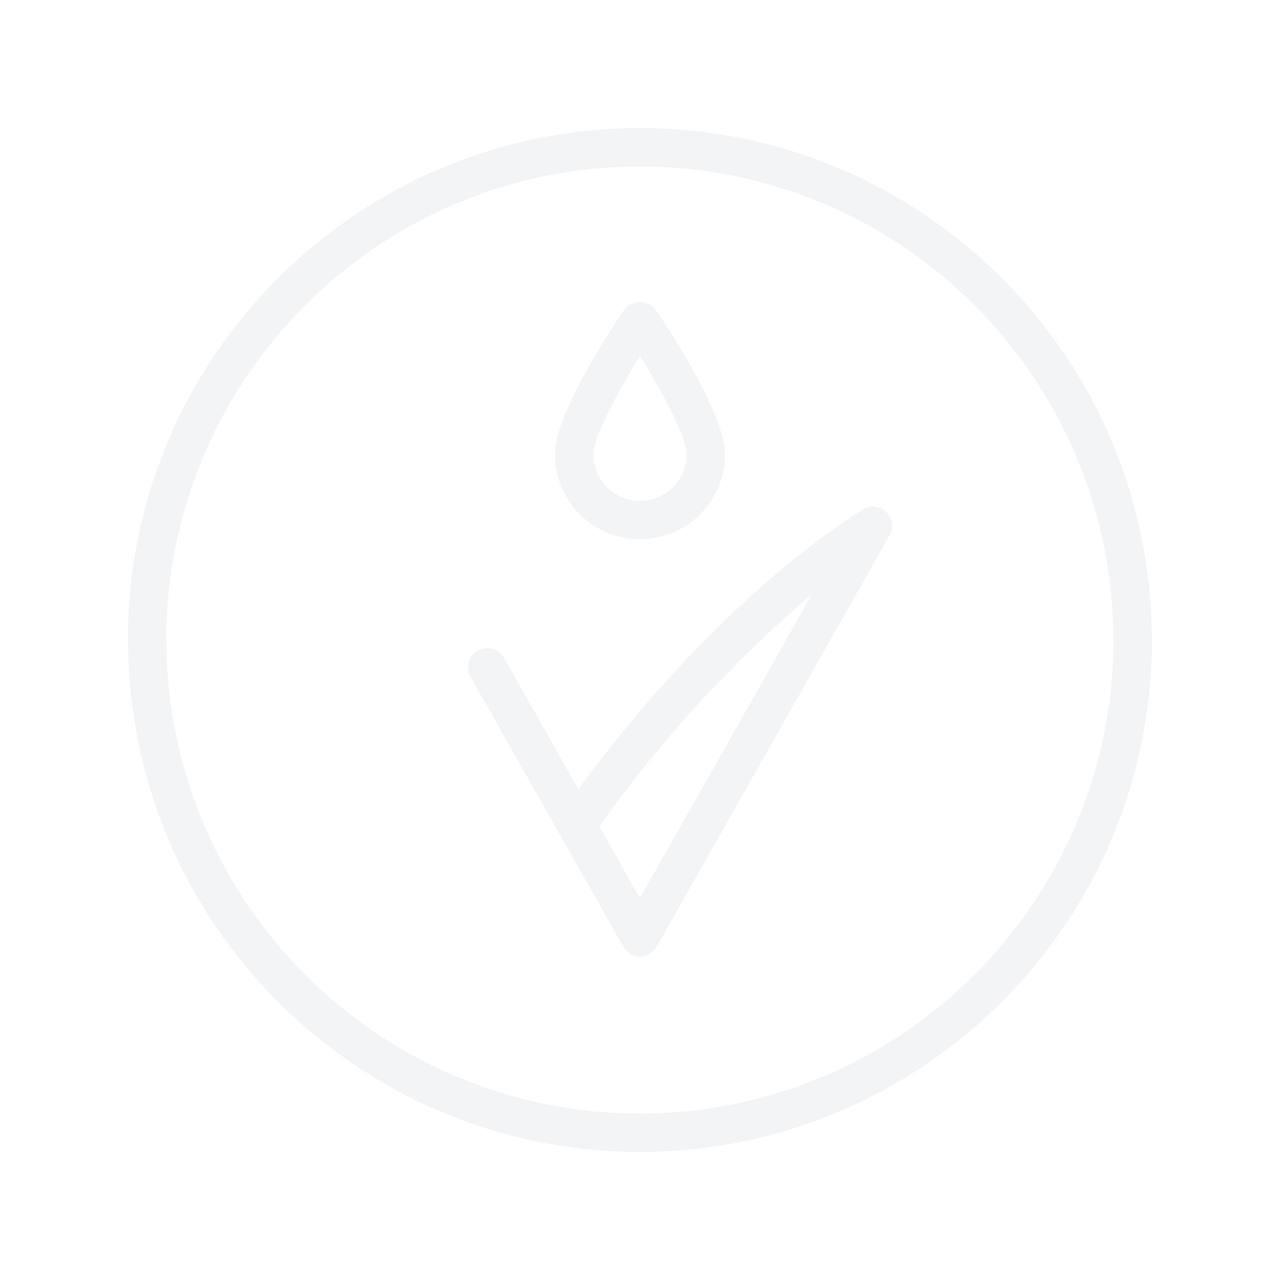 GUCCI Bloom Nettare Di Fiori 100ml Eau De Parfum Gift Set